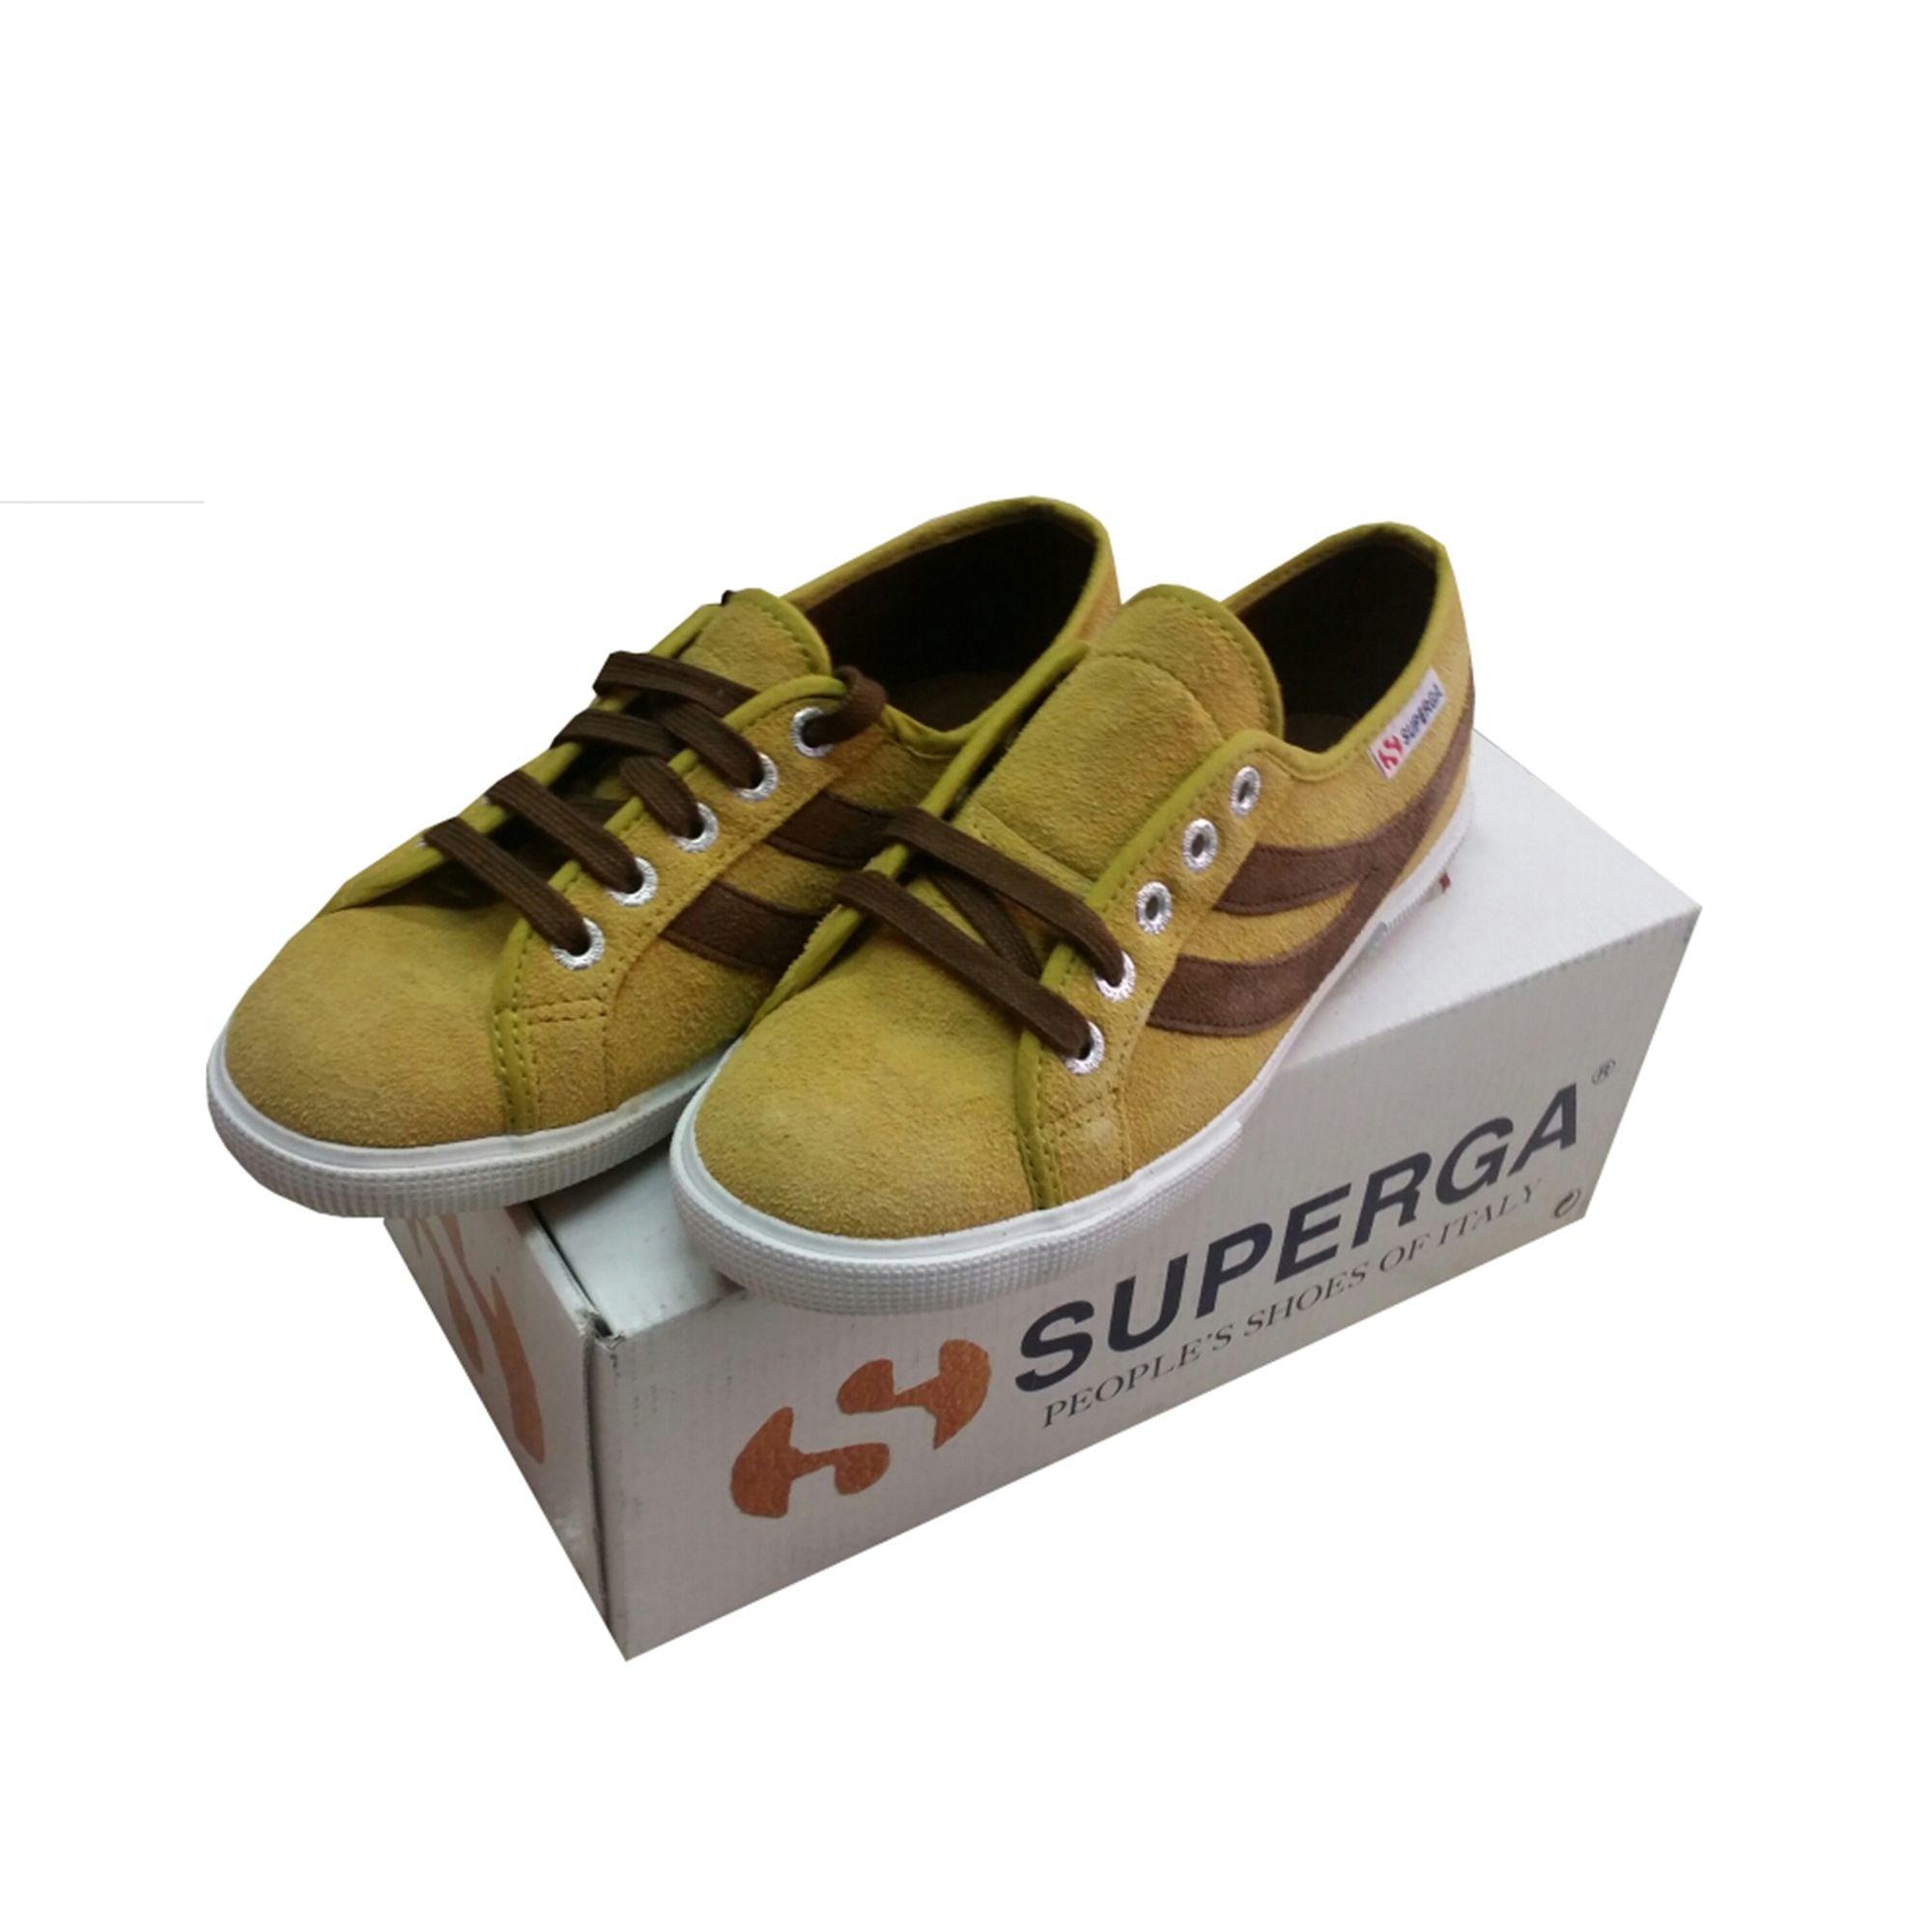 Chaussures de sport SUPERGA Jaune